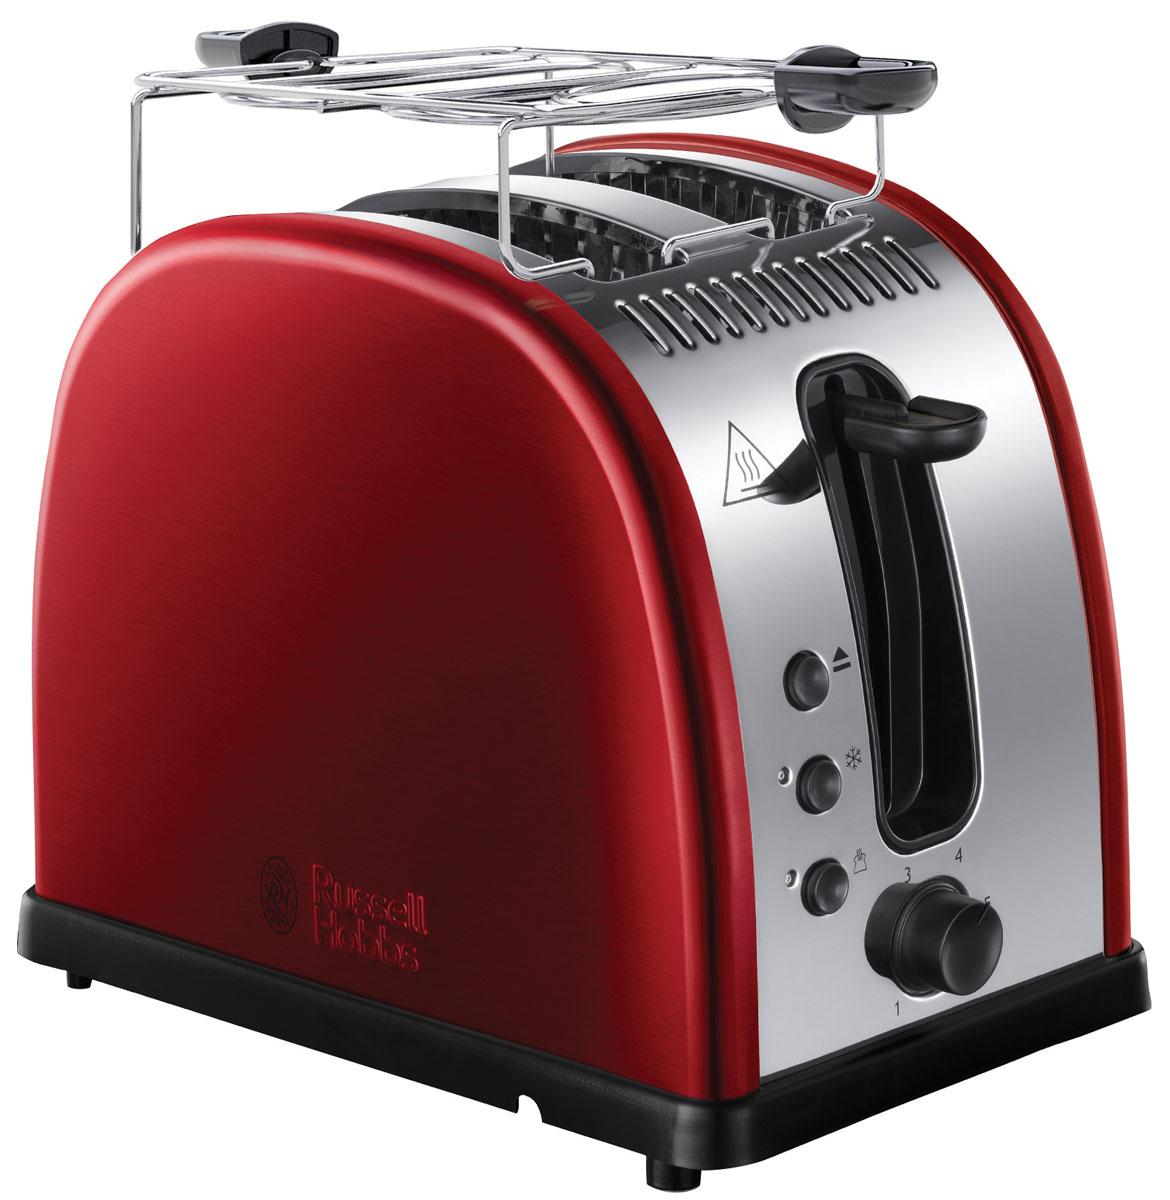 Russell Hobbs 21291-56, Red тостер21291-56Мало времени с утра и нет возможности долго готовить любимые тосты? Вам понравится новый тостер Russell Hobbs 21291-56 с системой быстрого (до 55%) приготовления тостов. Поджаренные ломтики хлеба, так как вы их любите, будут готовы быстро и идеально. Широкие слоты позволят приготовить ломтики различной толщины или другие типы хлеба, допустим, булочки.Тостер Russell Hobbs 21291-56 также обладает функцией разморозки, разогрева и принудительной отмены программы приготовления. Прибор обладает специальным дизайном решетки для разогрева и будет прекрасным подарком для всех любителей поджаренных ломтиков. Решетка для разогрева также поможет сохранить температуру приготовленных ломтиков.